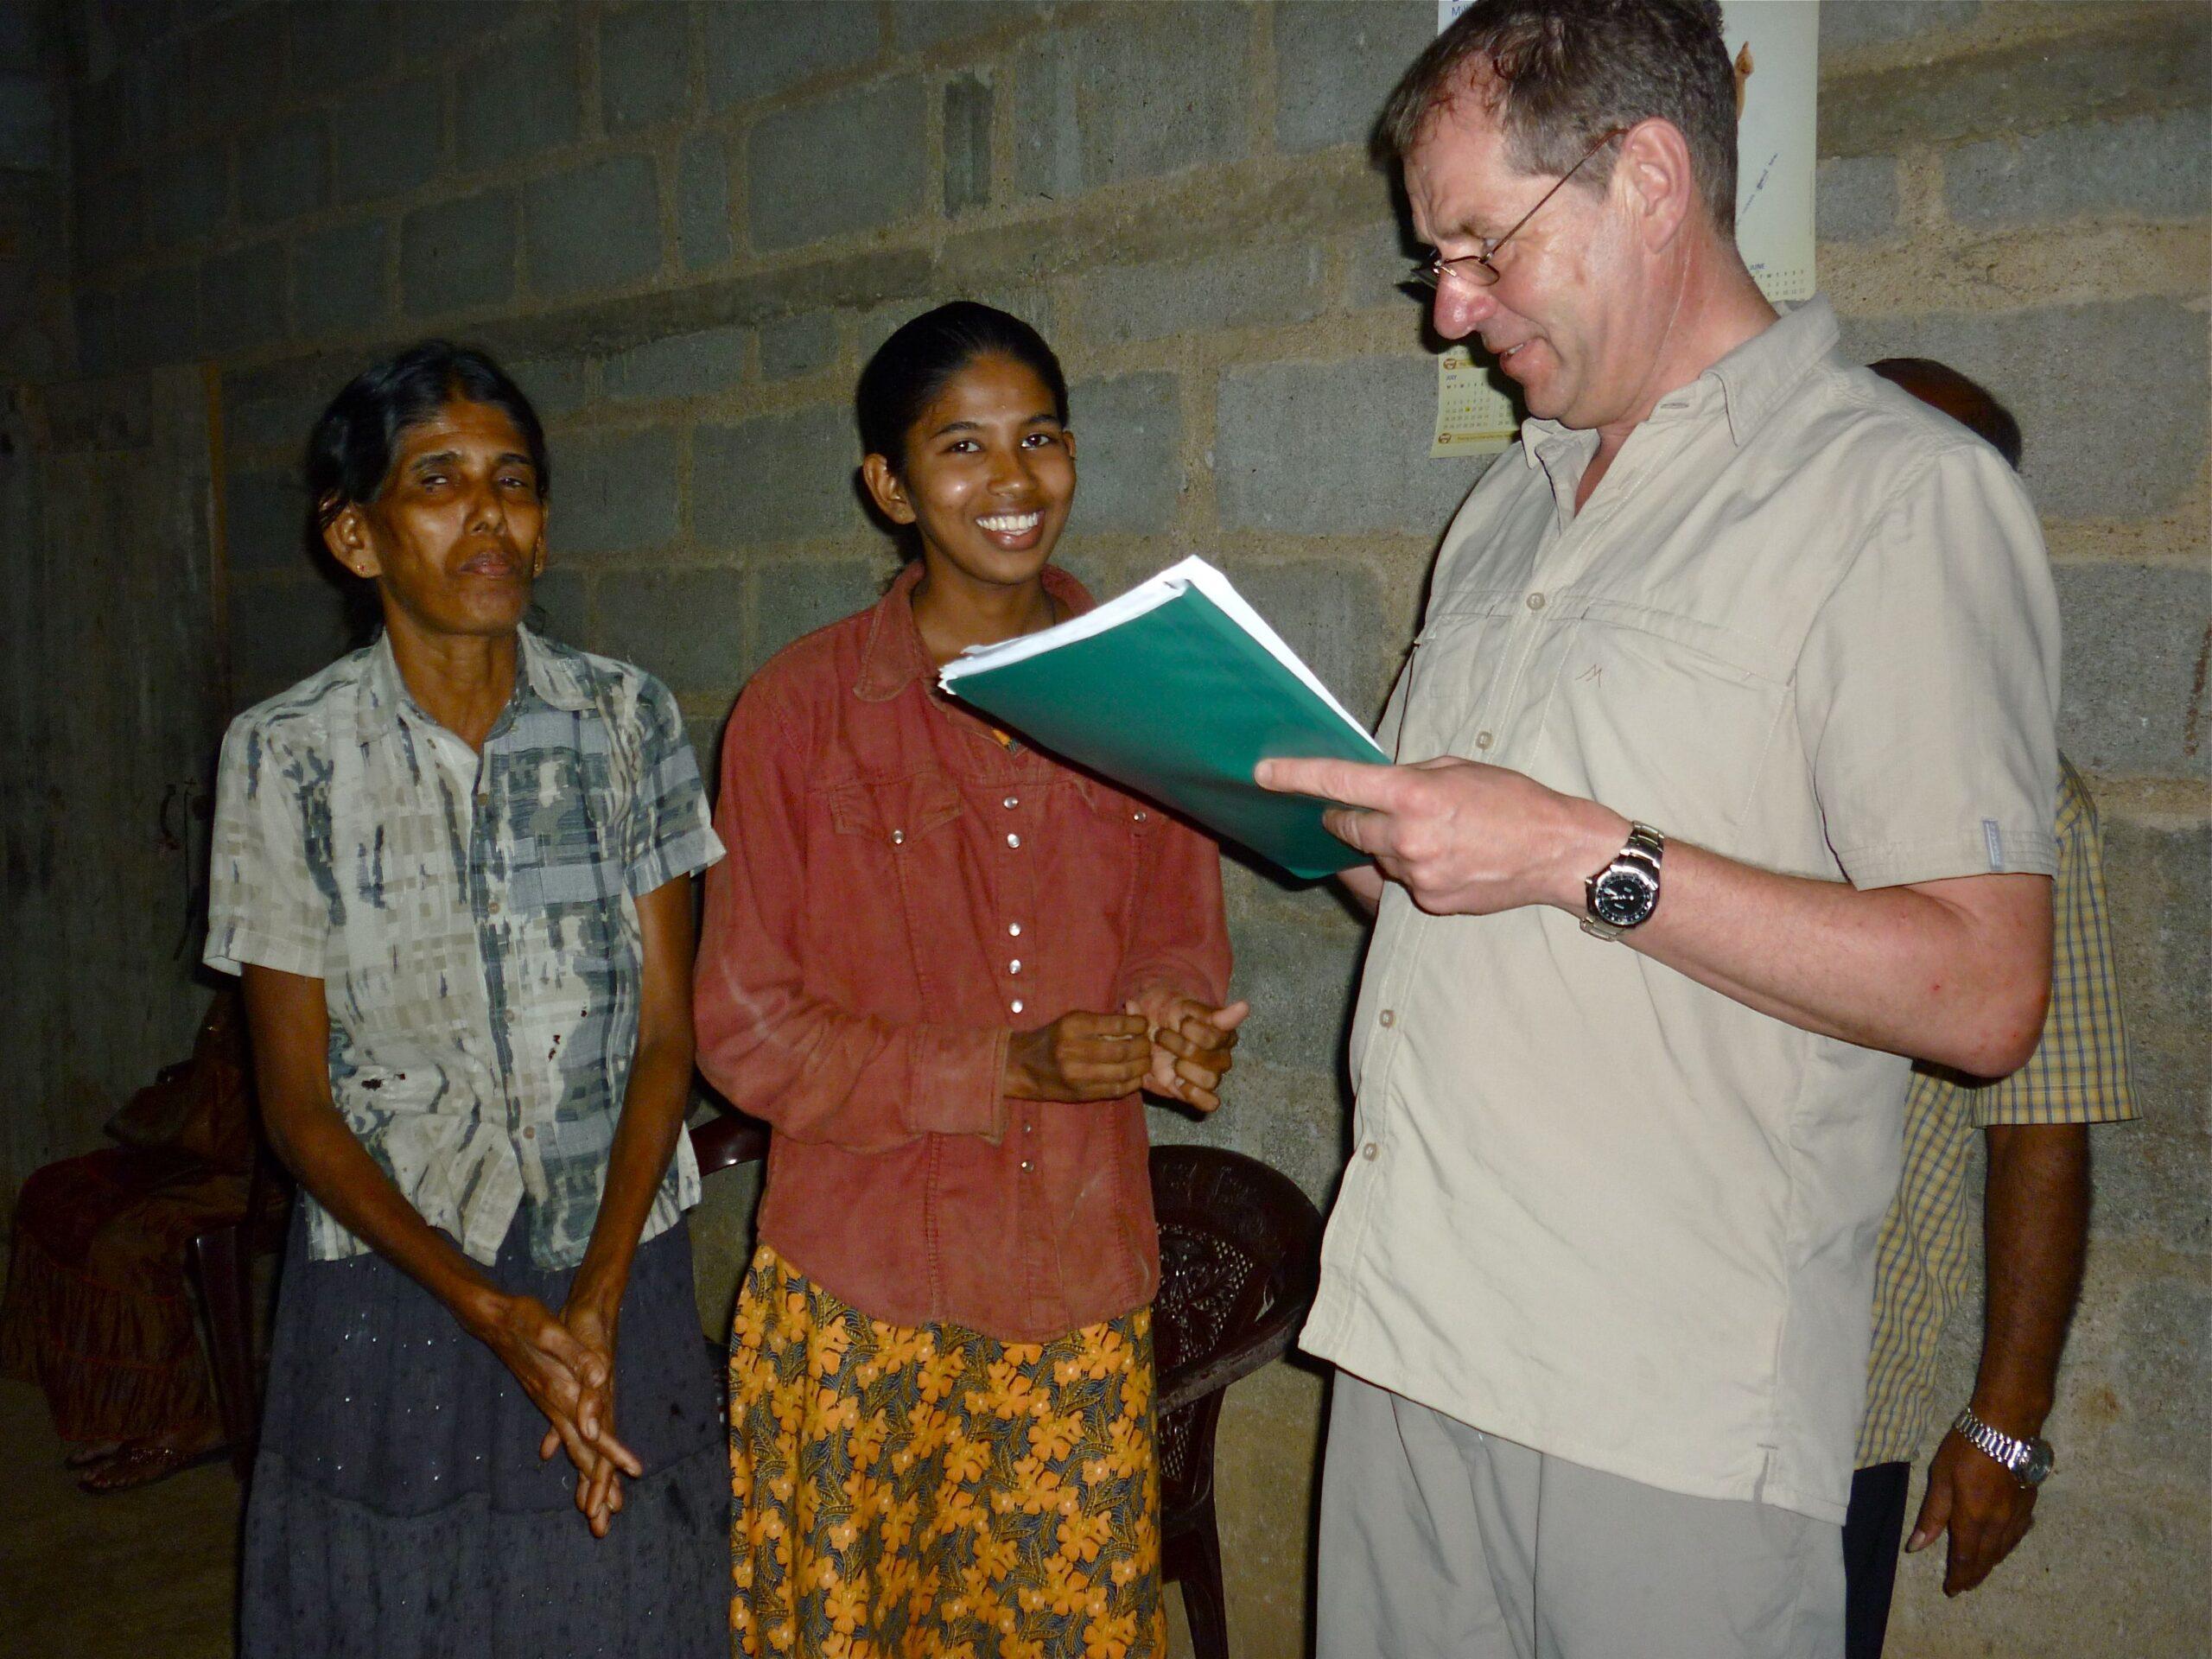 Zurück nach 3 Jahren bei der von uns geförderten Familie in Kurunegala. Eine stolze Mutter und ihre Tochter zeigen ihre Schulresultate.